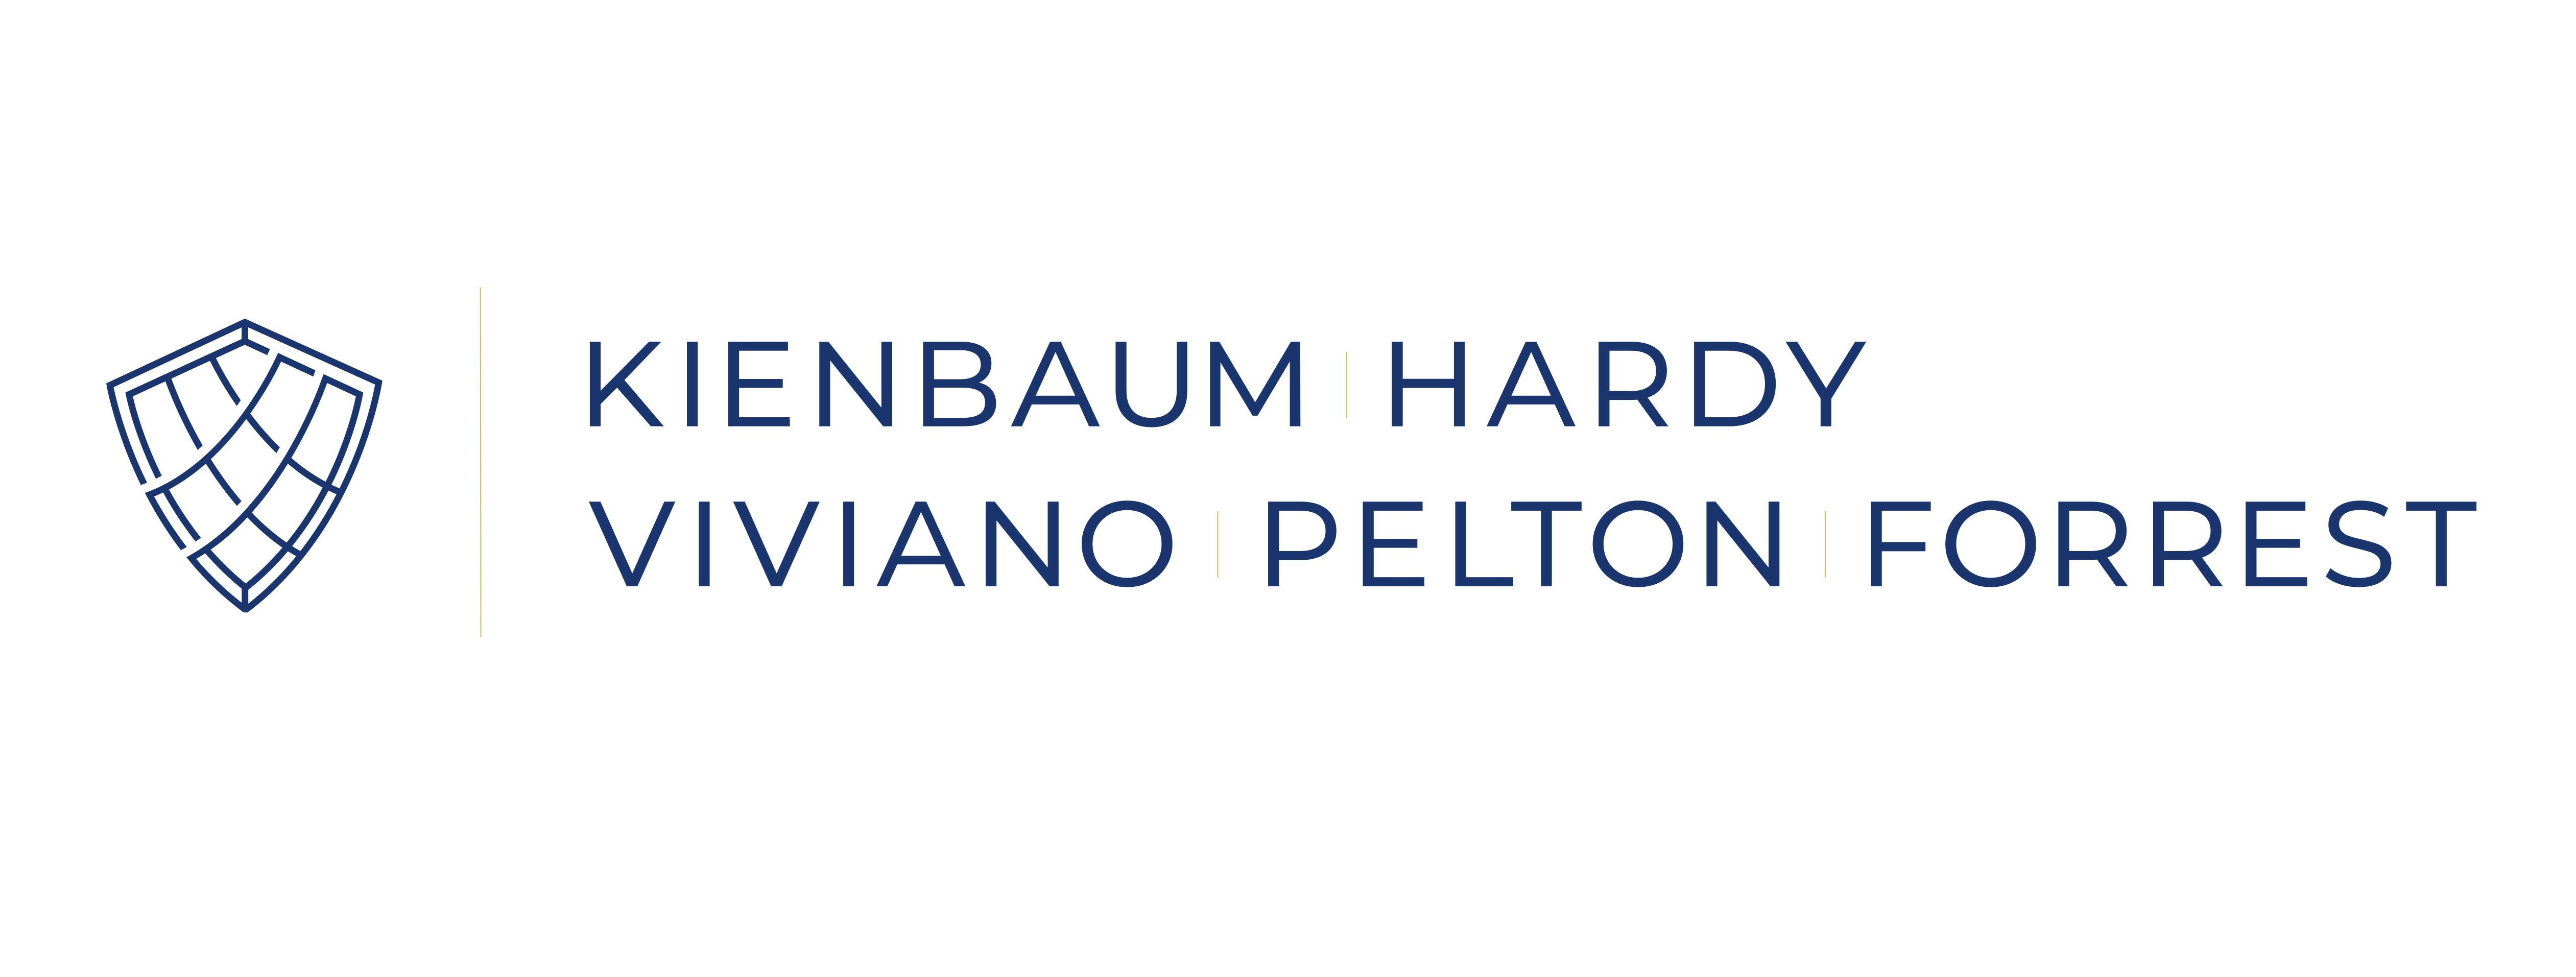 Kienbaum Hardy Viviano Pelton Forrest